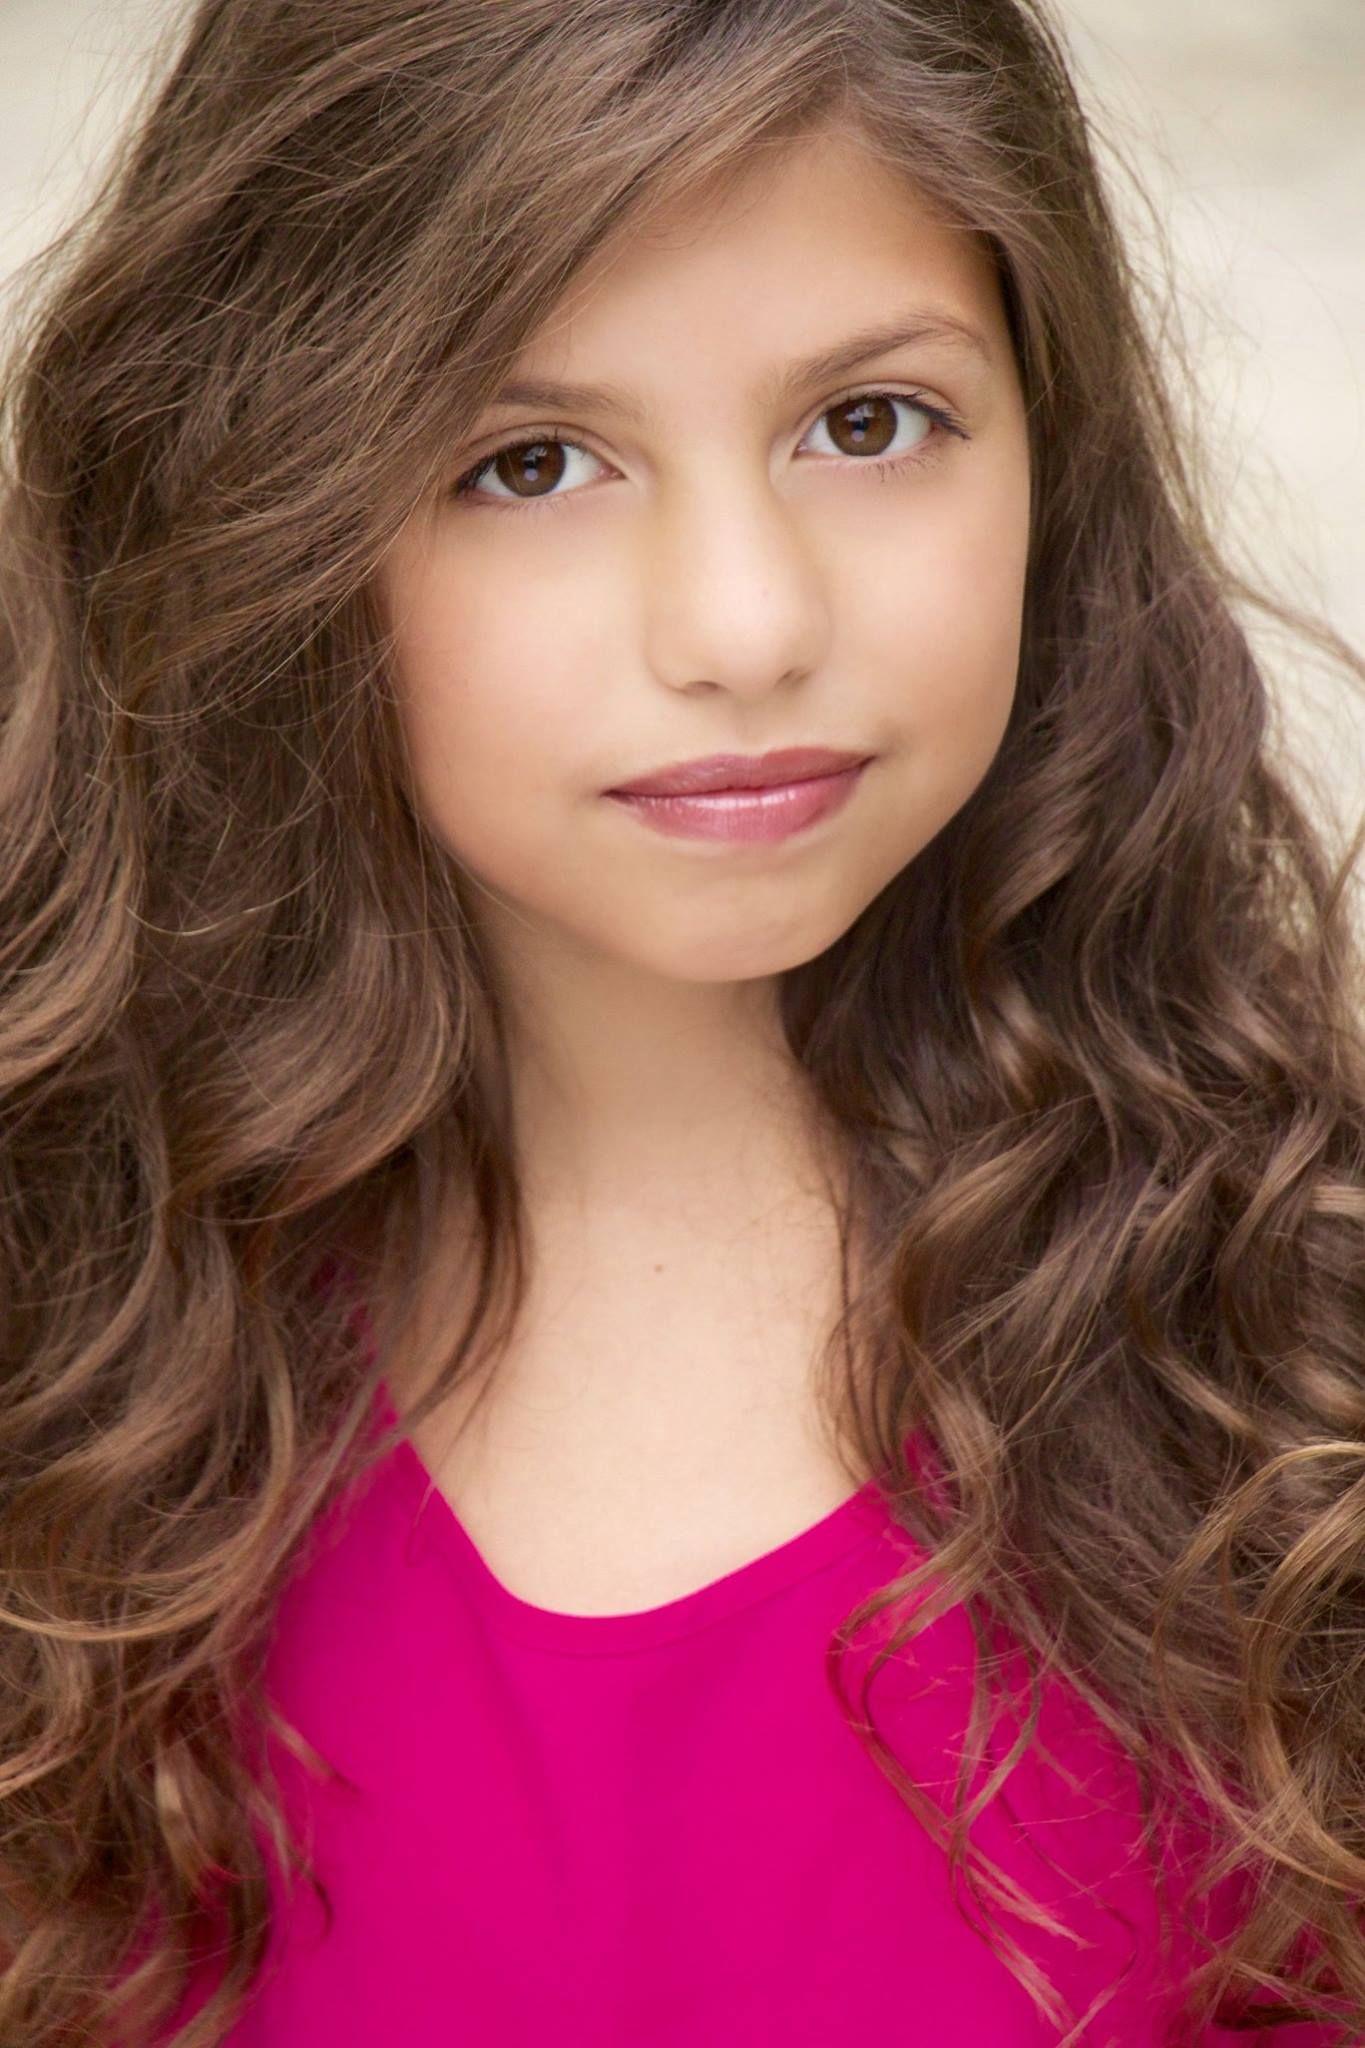 2016 USA National Miss Southeast Preteen - Isabella Gonzalez